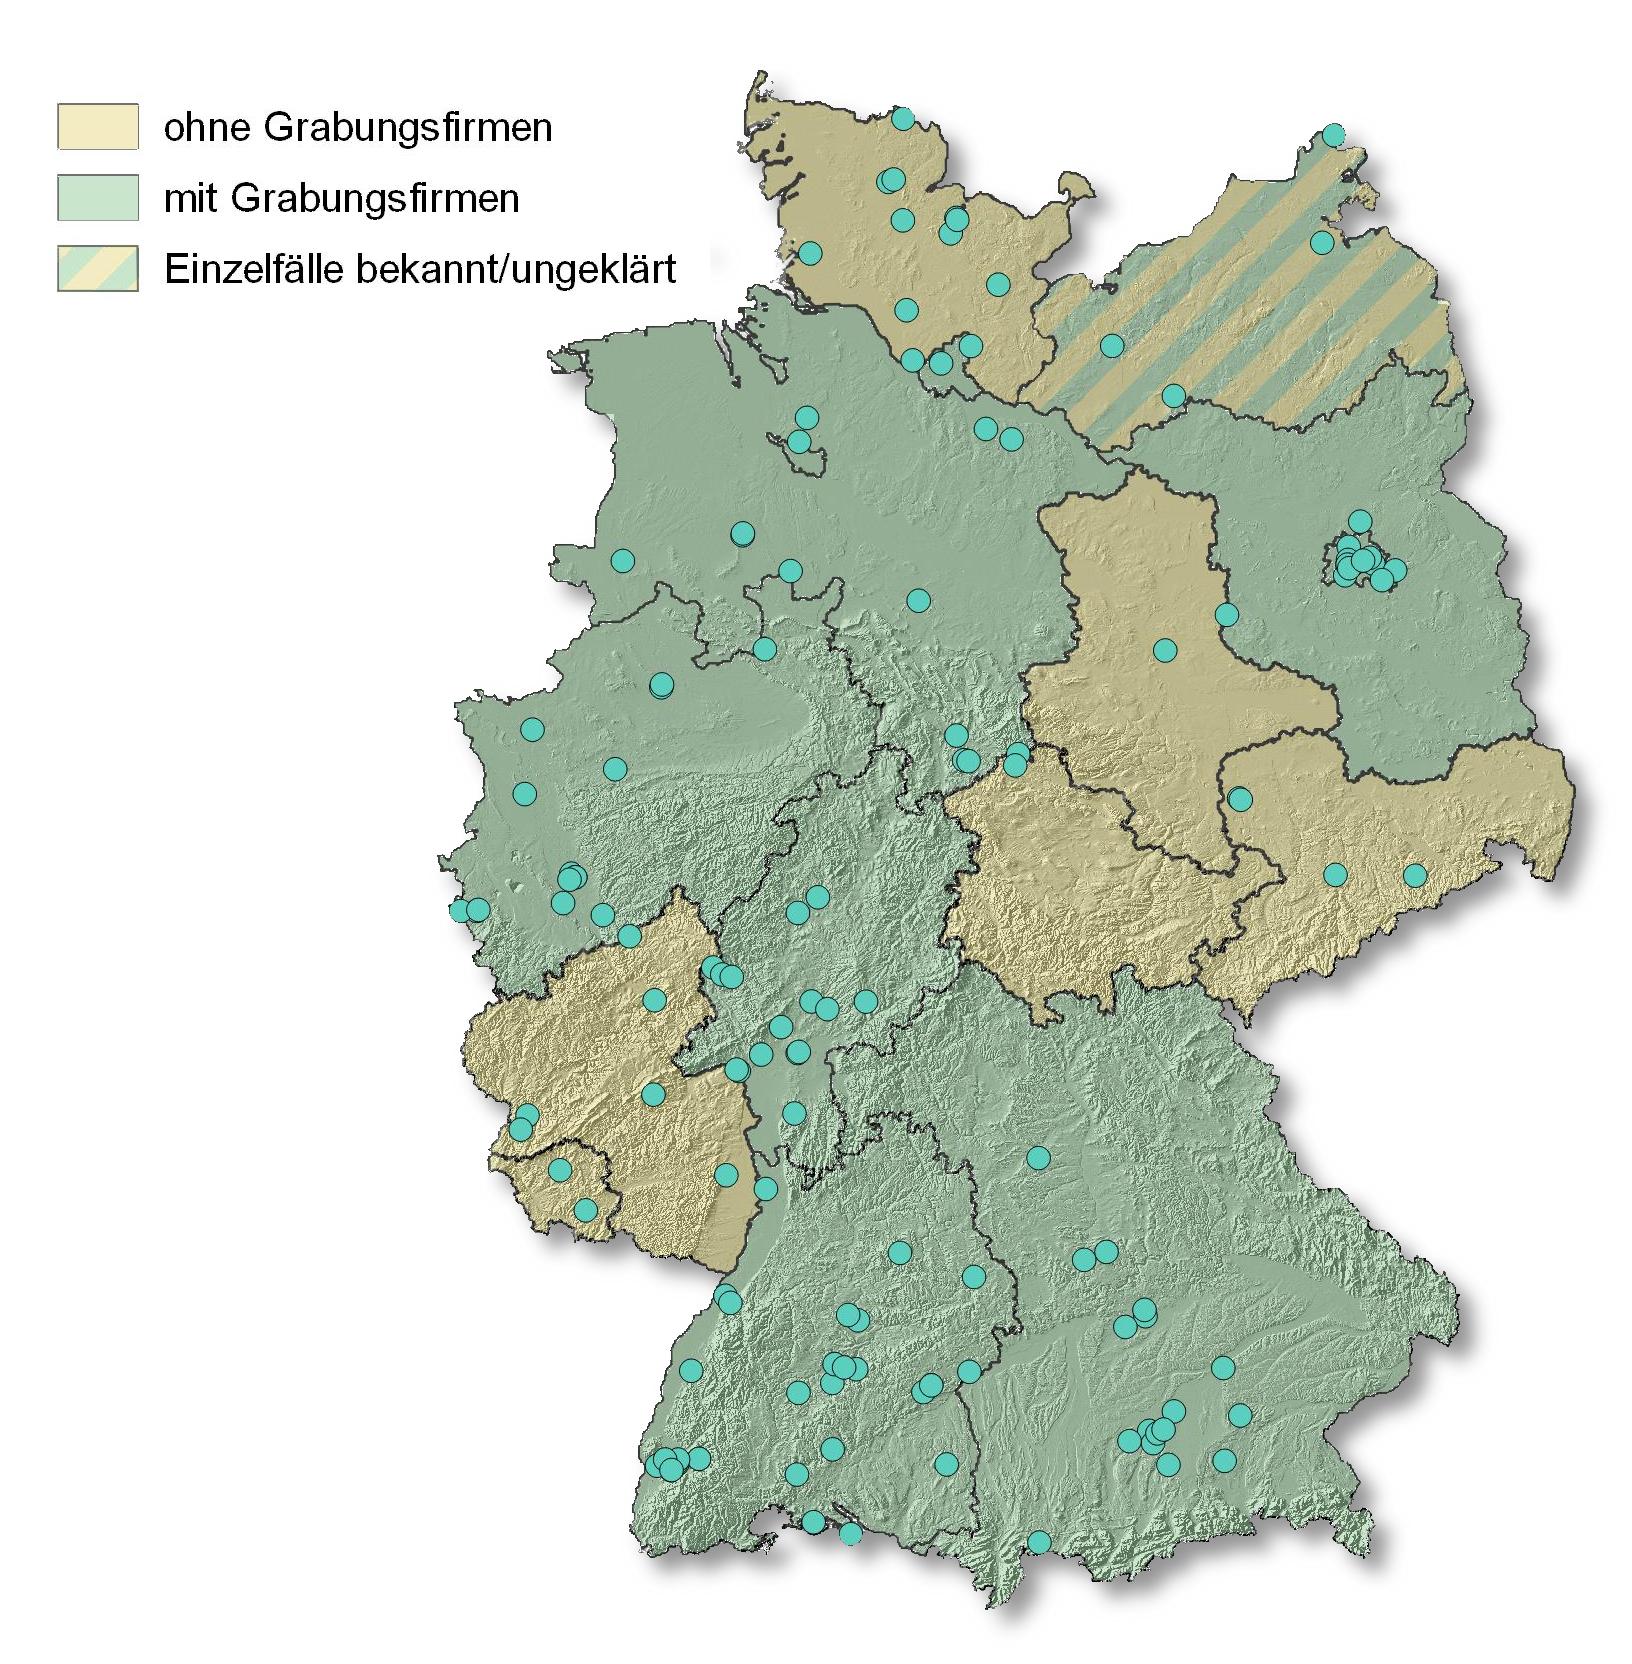 Archäologische Einzelunternhmer in den Bundeländern und Bundesländer, die mit Grabungsunternehmen zusammen arbeiten.